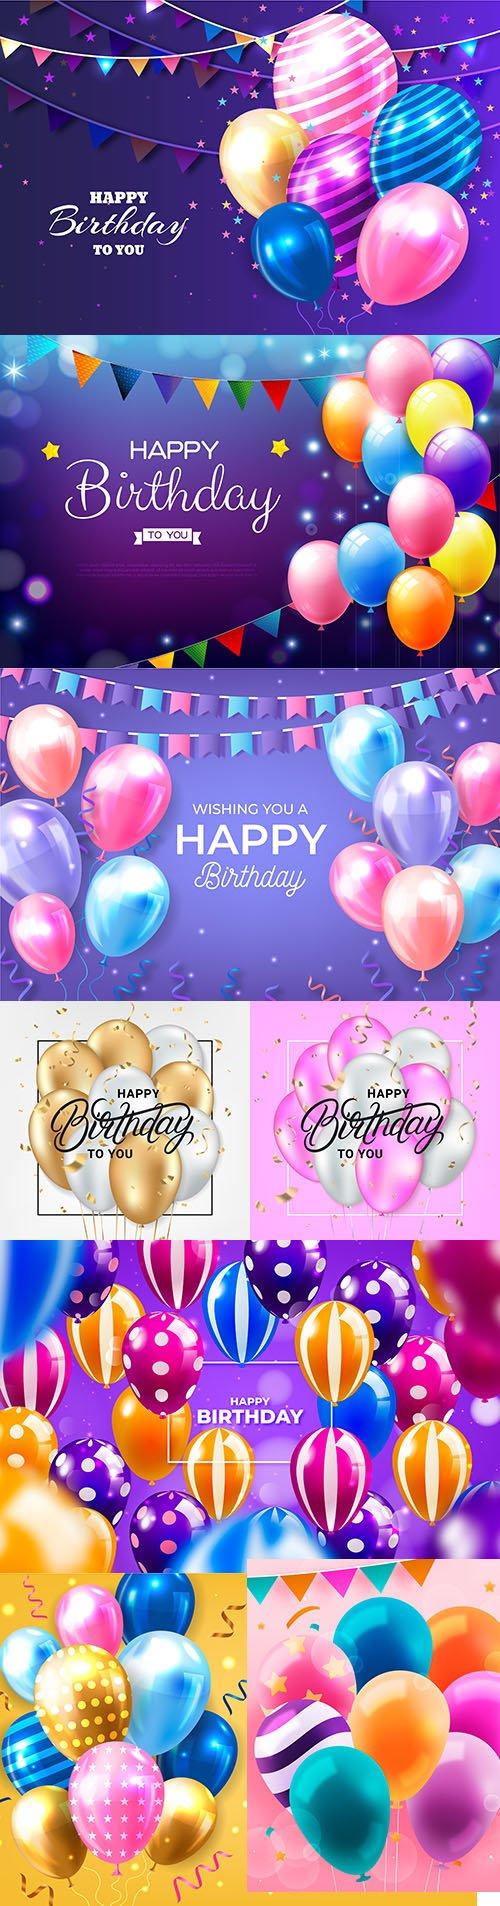 Happy birthday holiday invitation realistic balloons